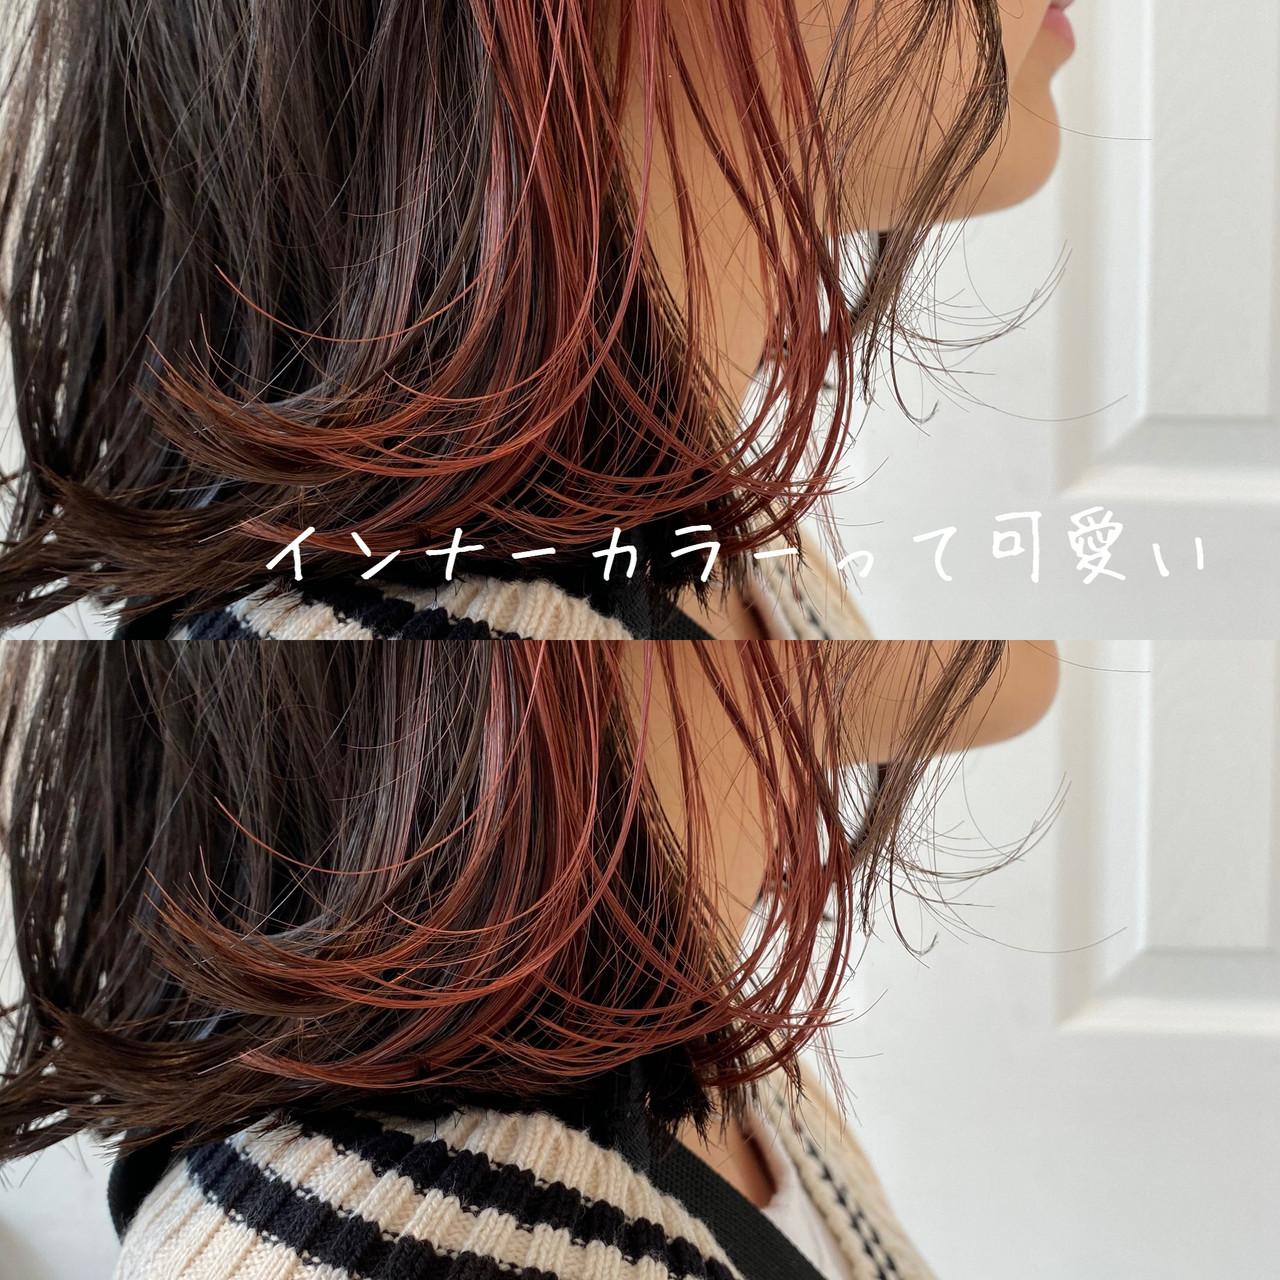 ラベンダーピンク インナーカラー ラベンダーアッシュ ナチュラル ヘアスタイルや髪型の写真・画像